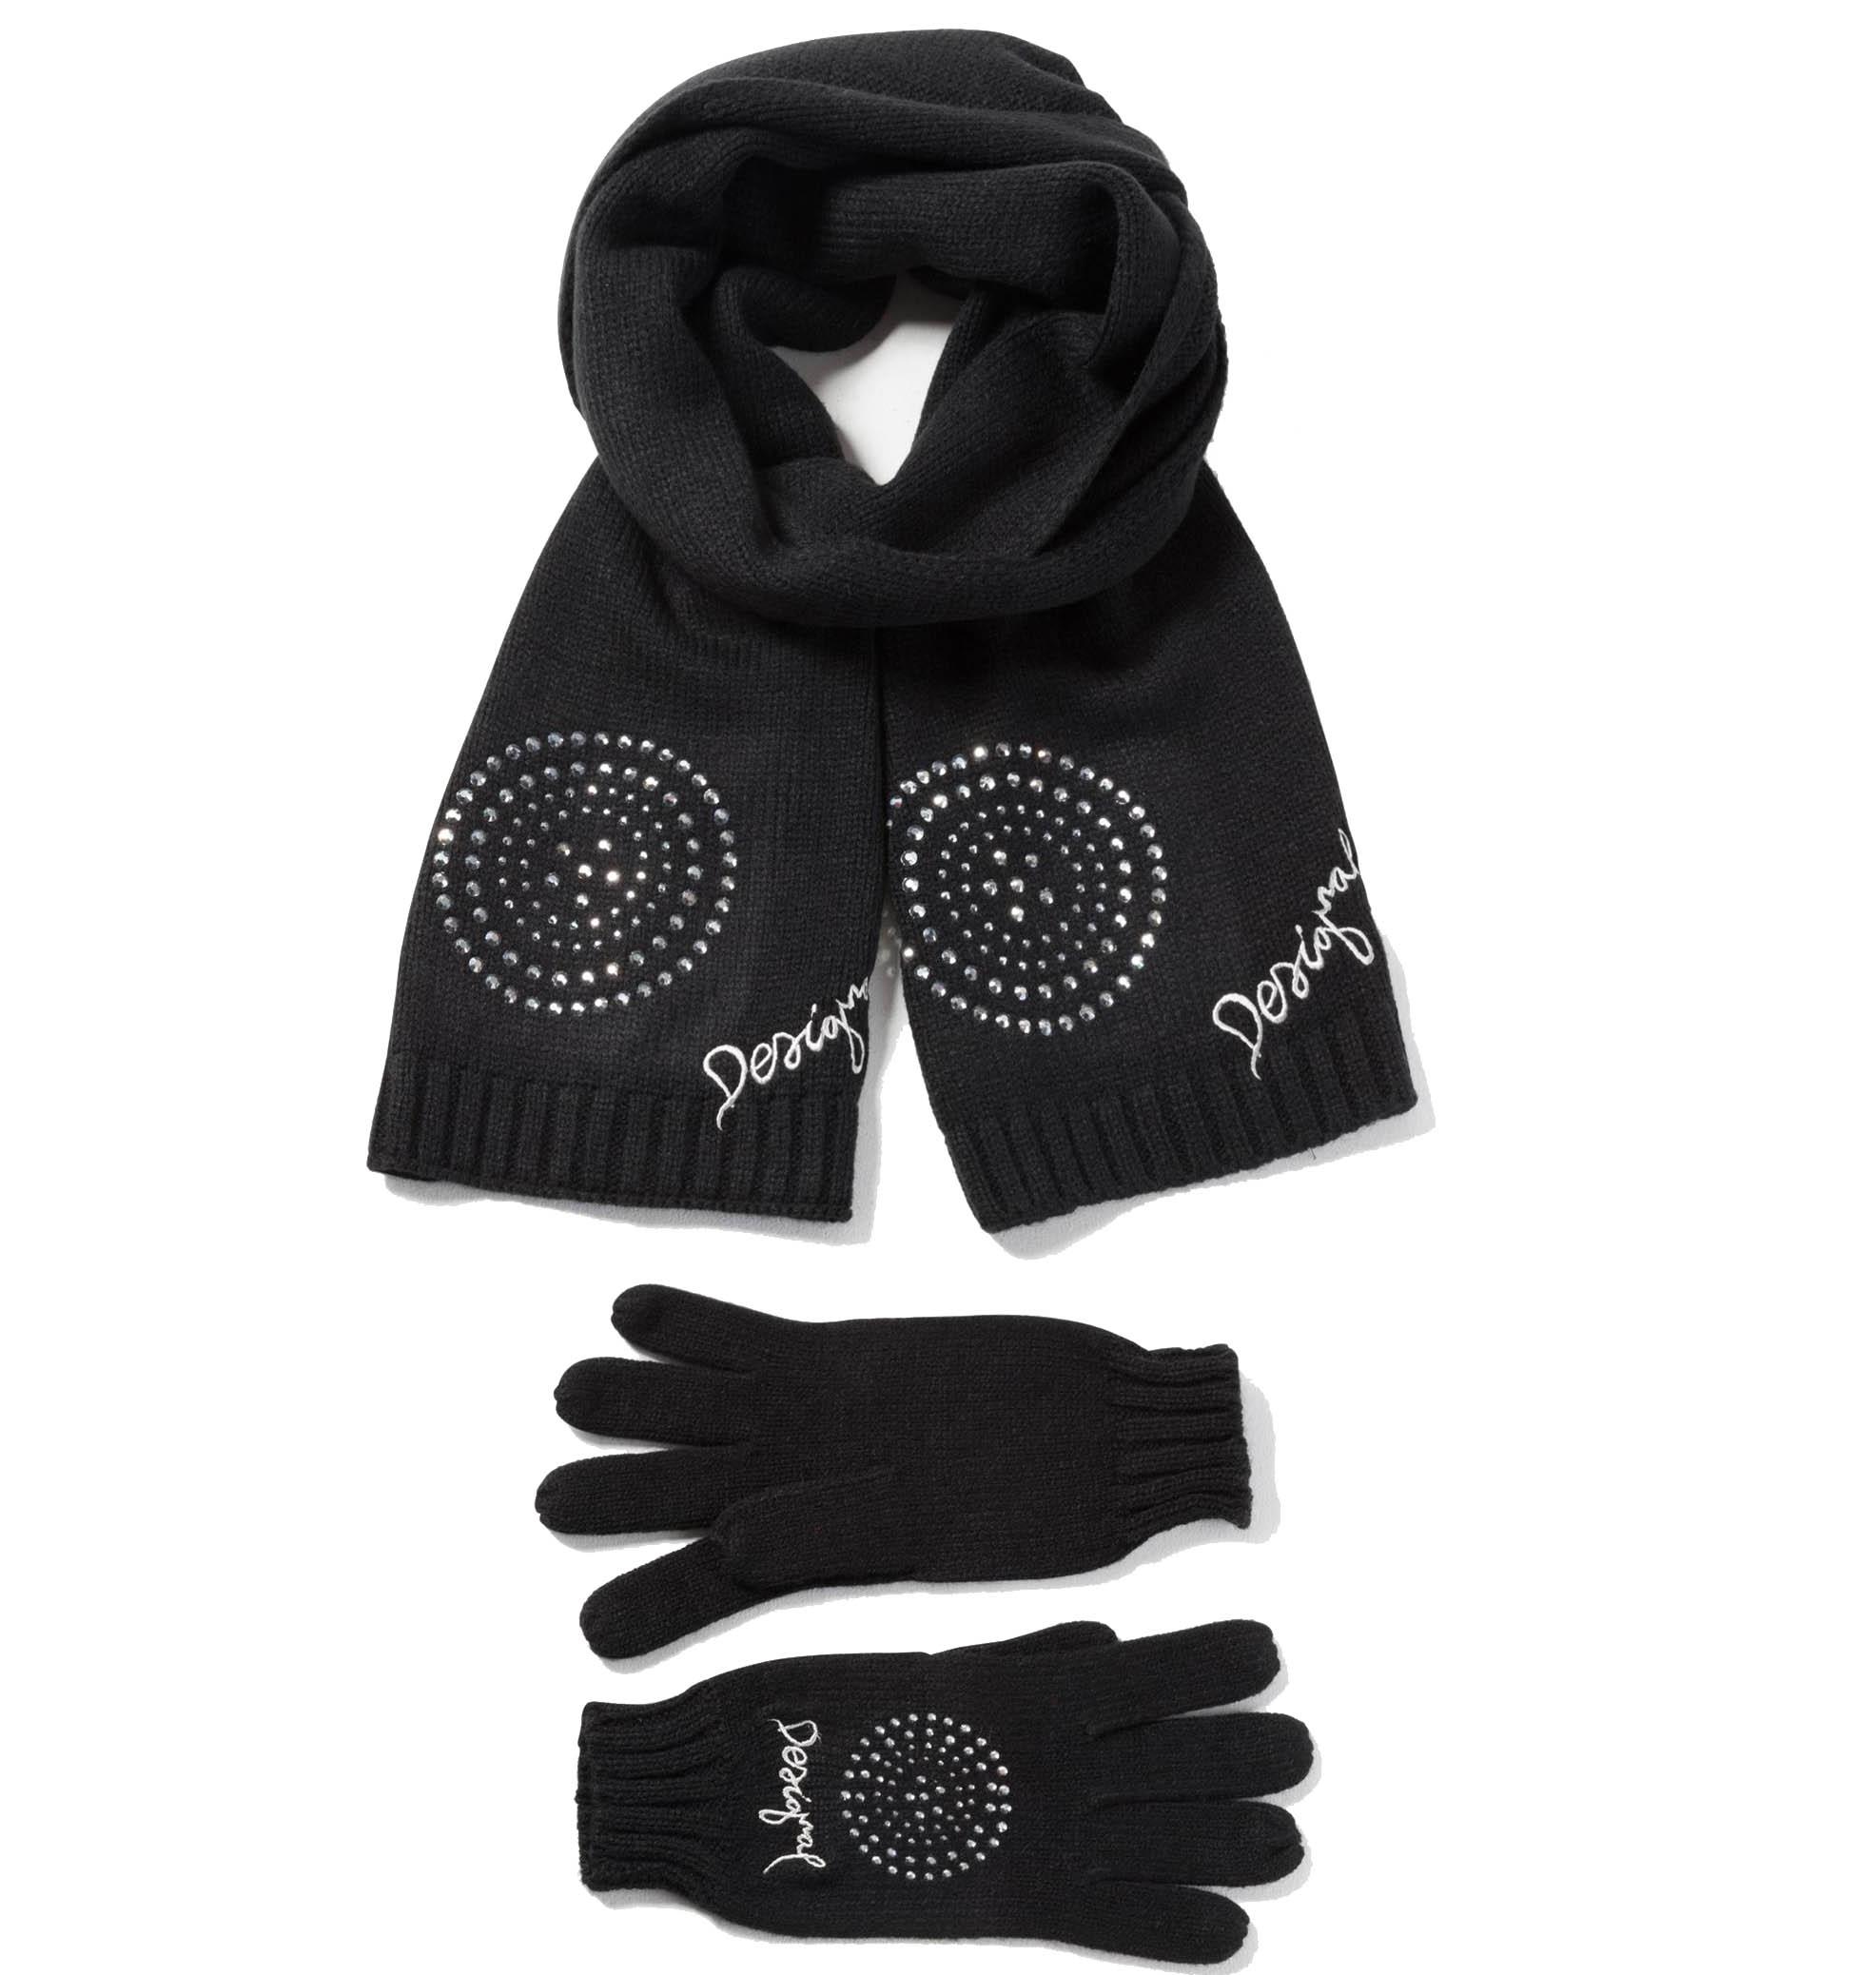 Šály a rukavice